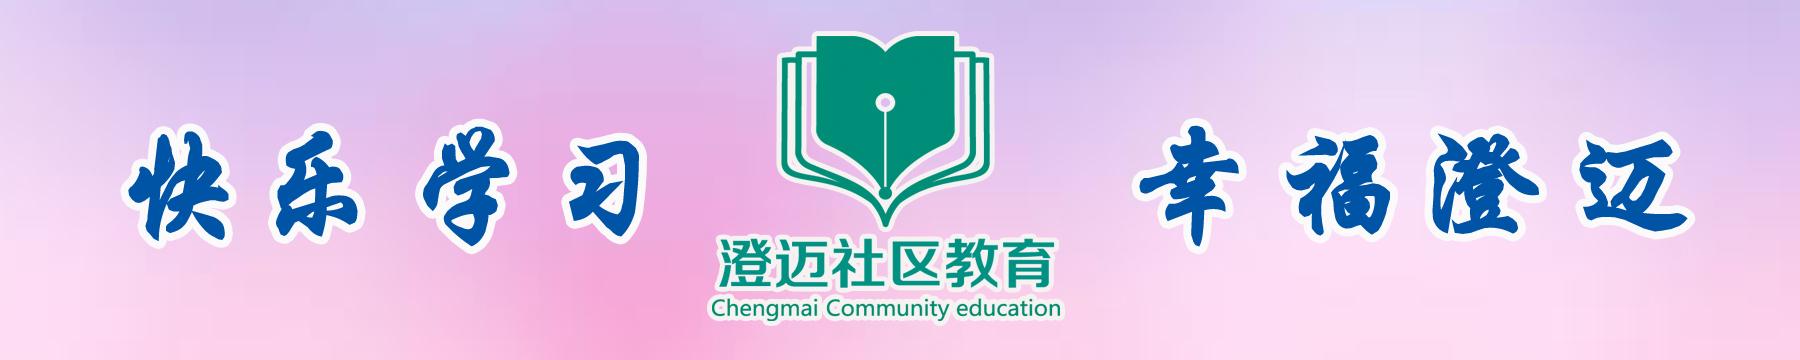 快乐学习·幸福澄迈——2021年澄迈县社区教育公益课程成人舞蹈暑期班动态简讯